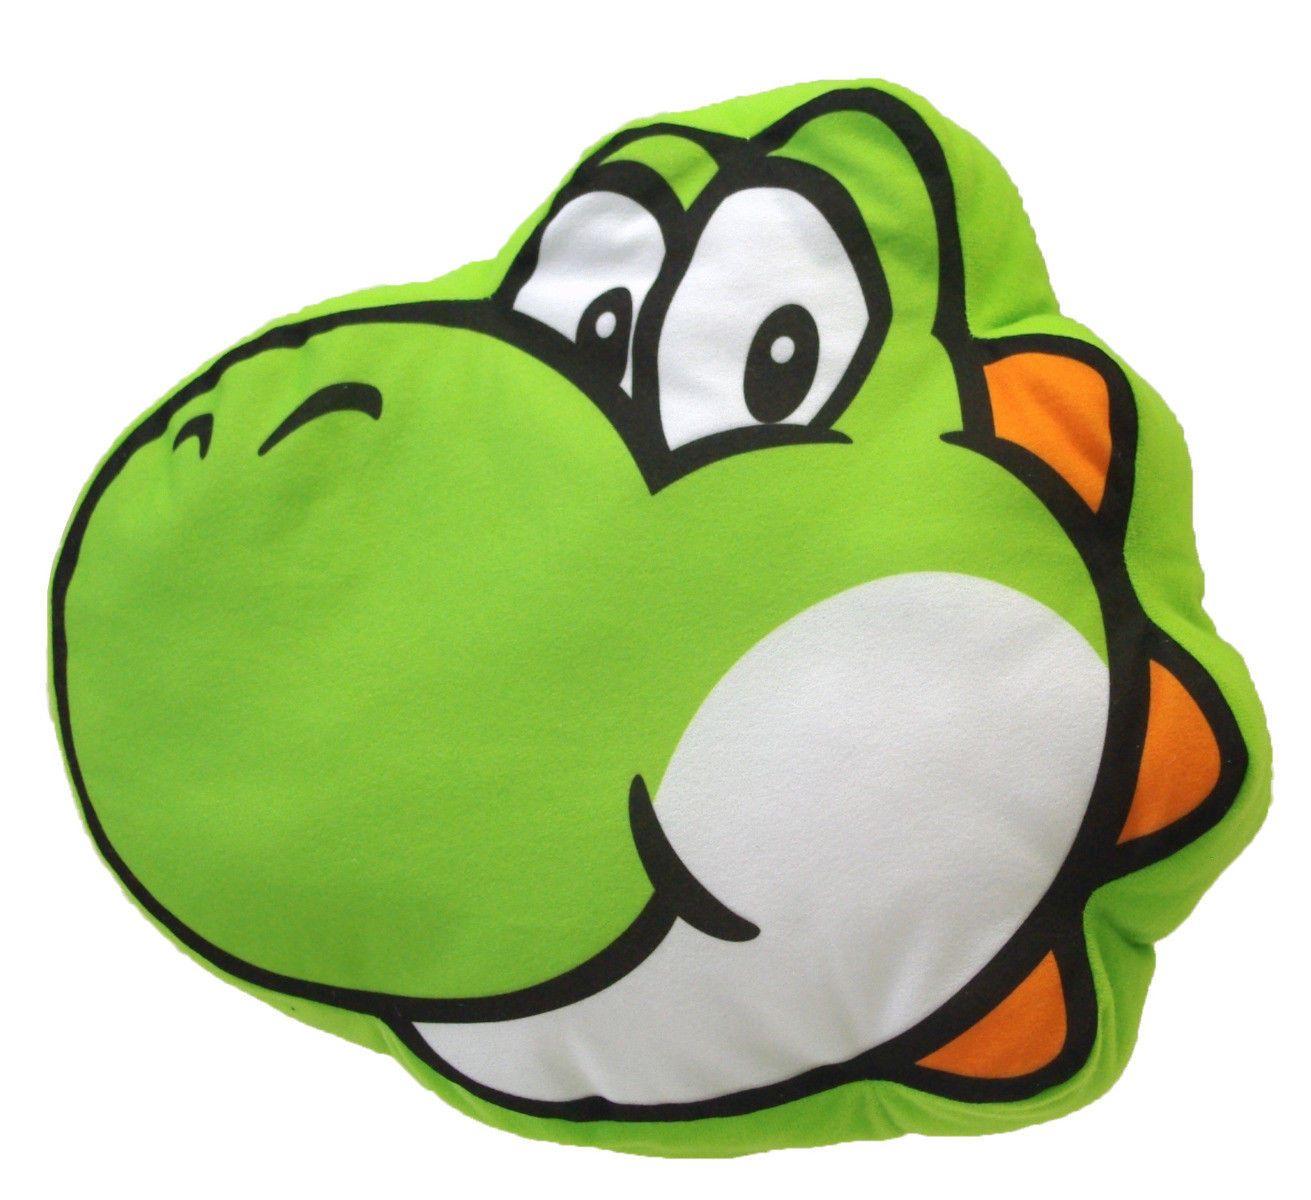 Little Buddy USA Super Mario Series 15 Green Koopa Shell Pillow Plush